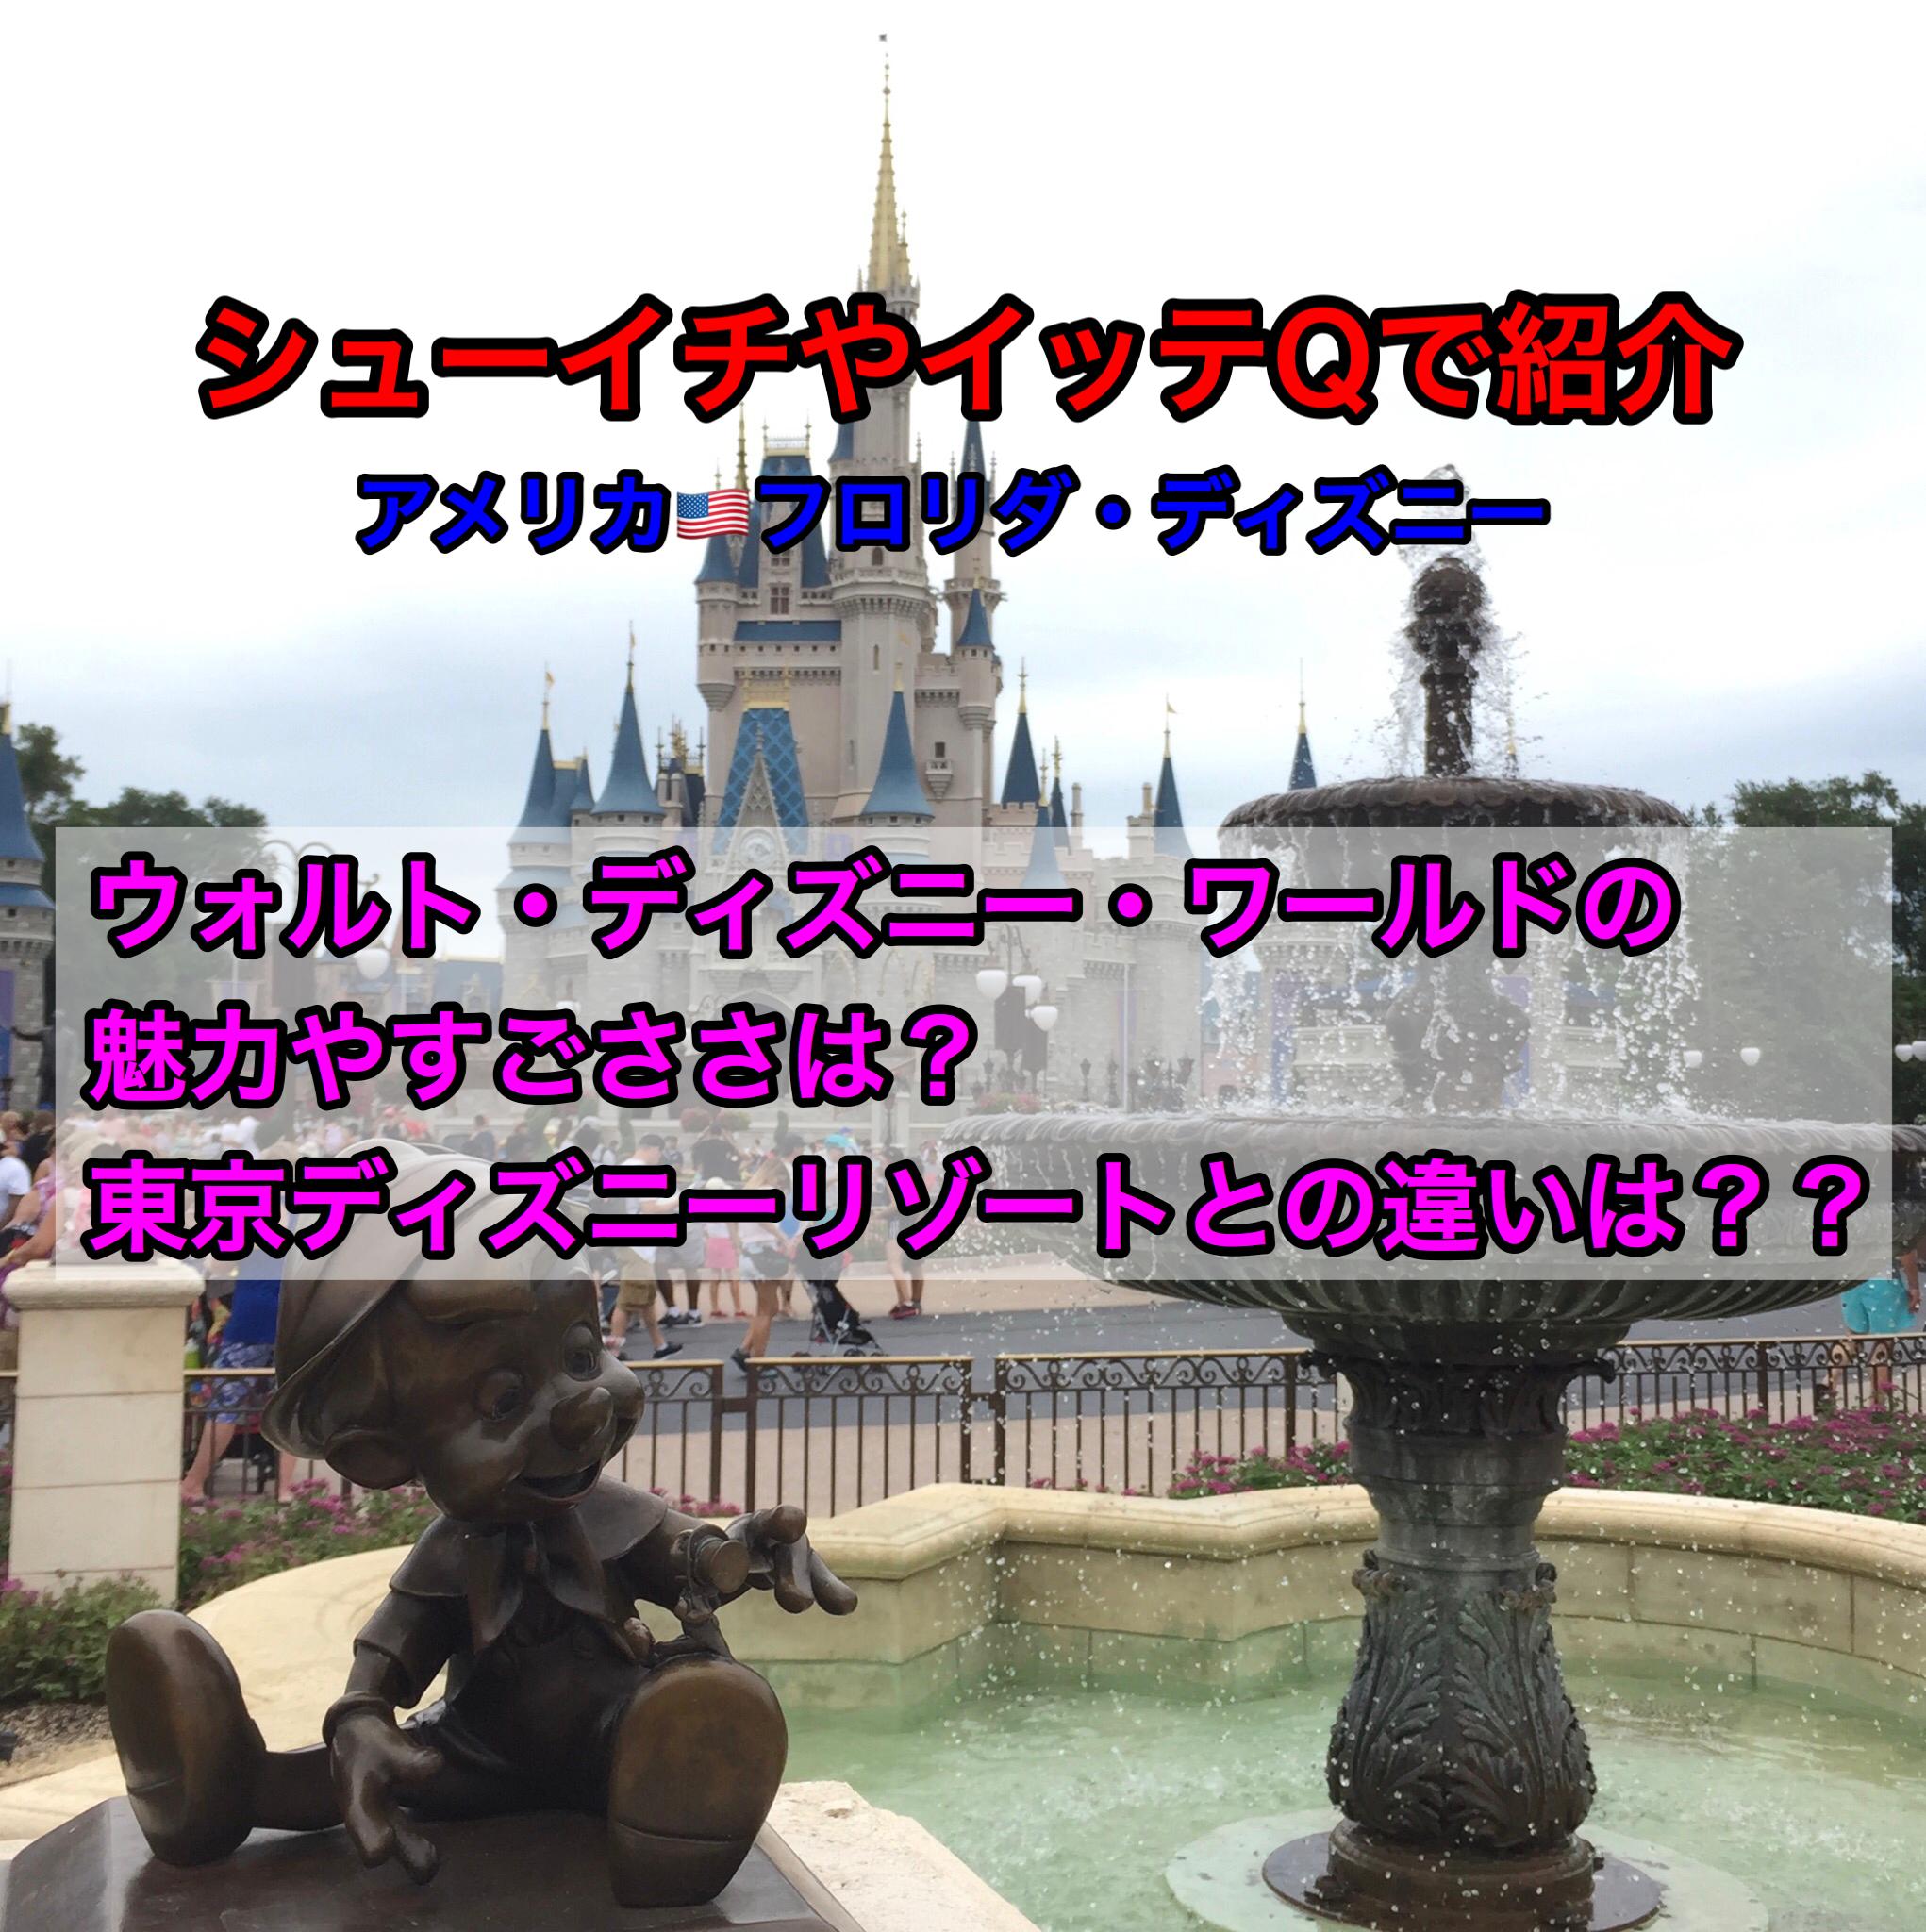 【はじめてのディズニーワールド】